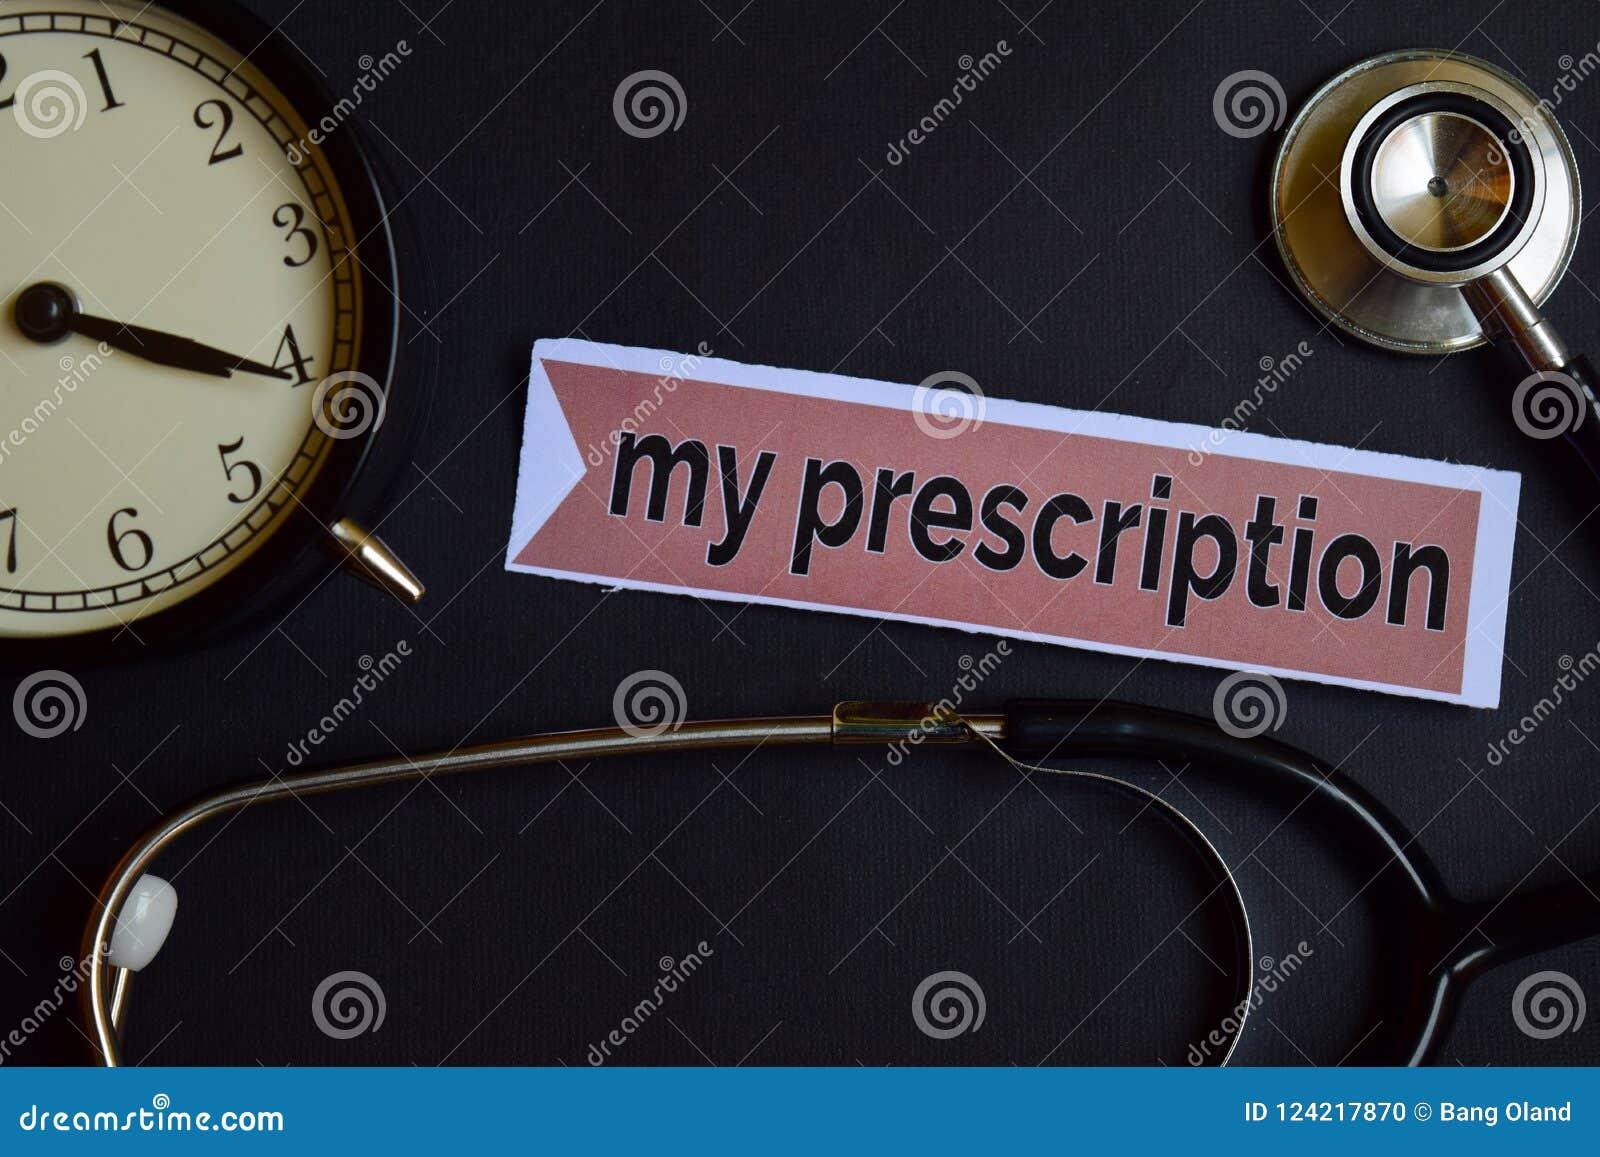 Mein Presctiption auf dem Druckpapier mit Gesundheitswesen-Konzept-Inspiration Wecker, schwarzes Stethoskop